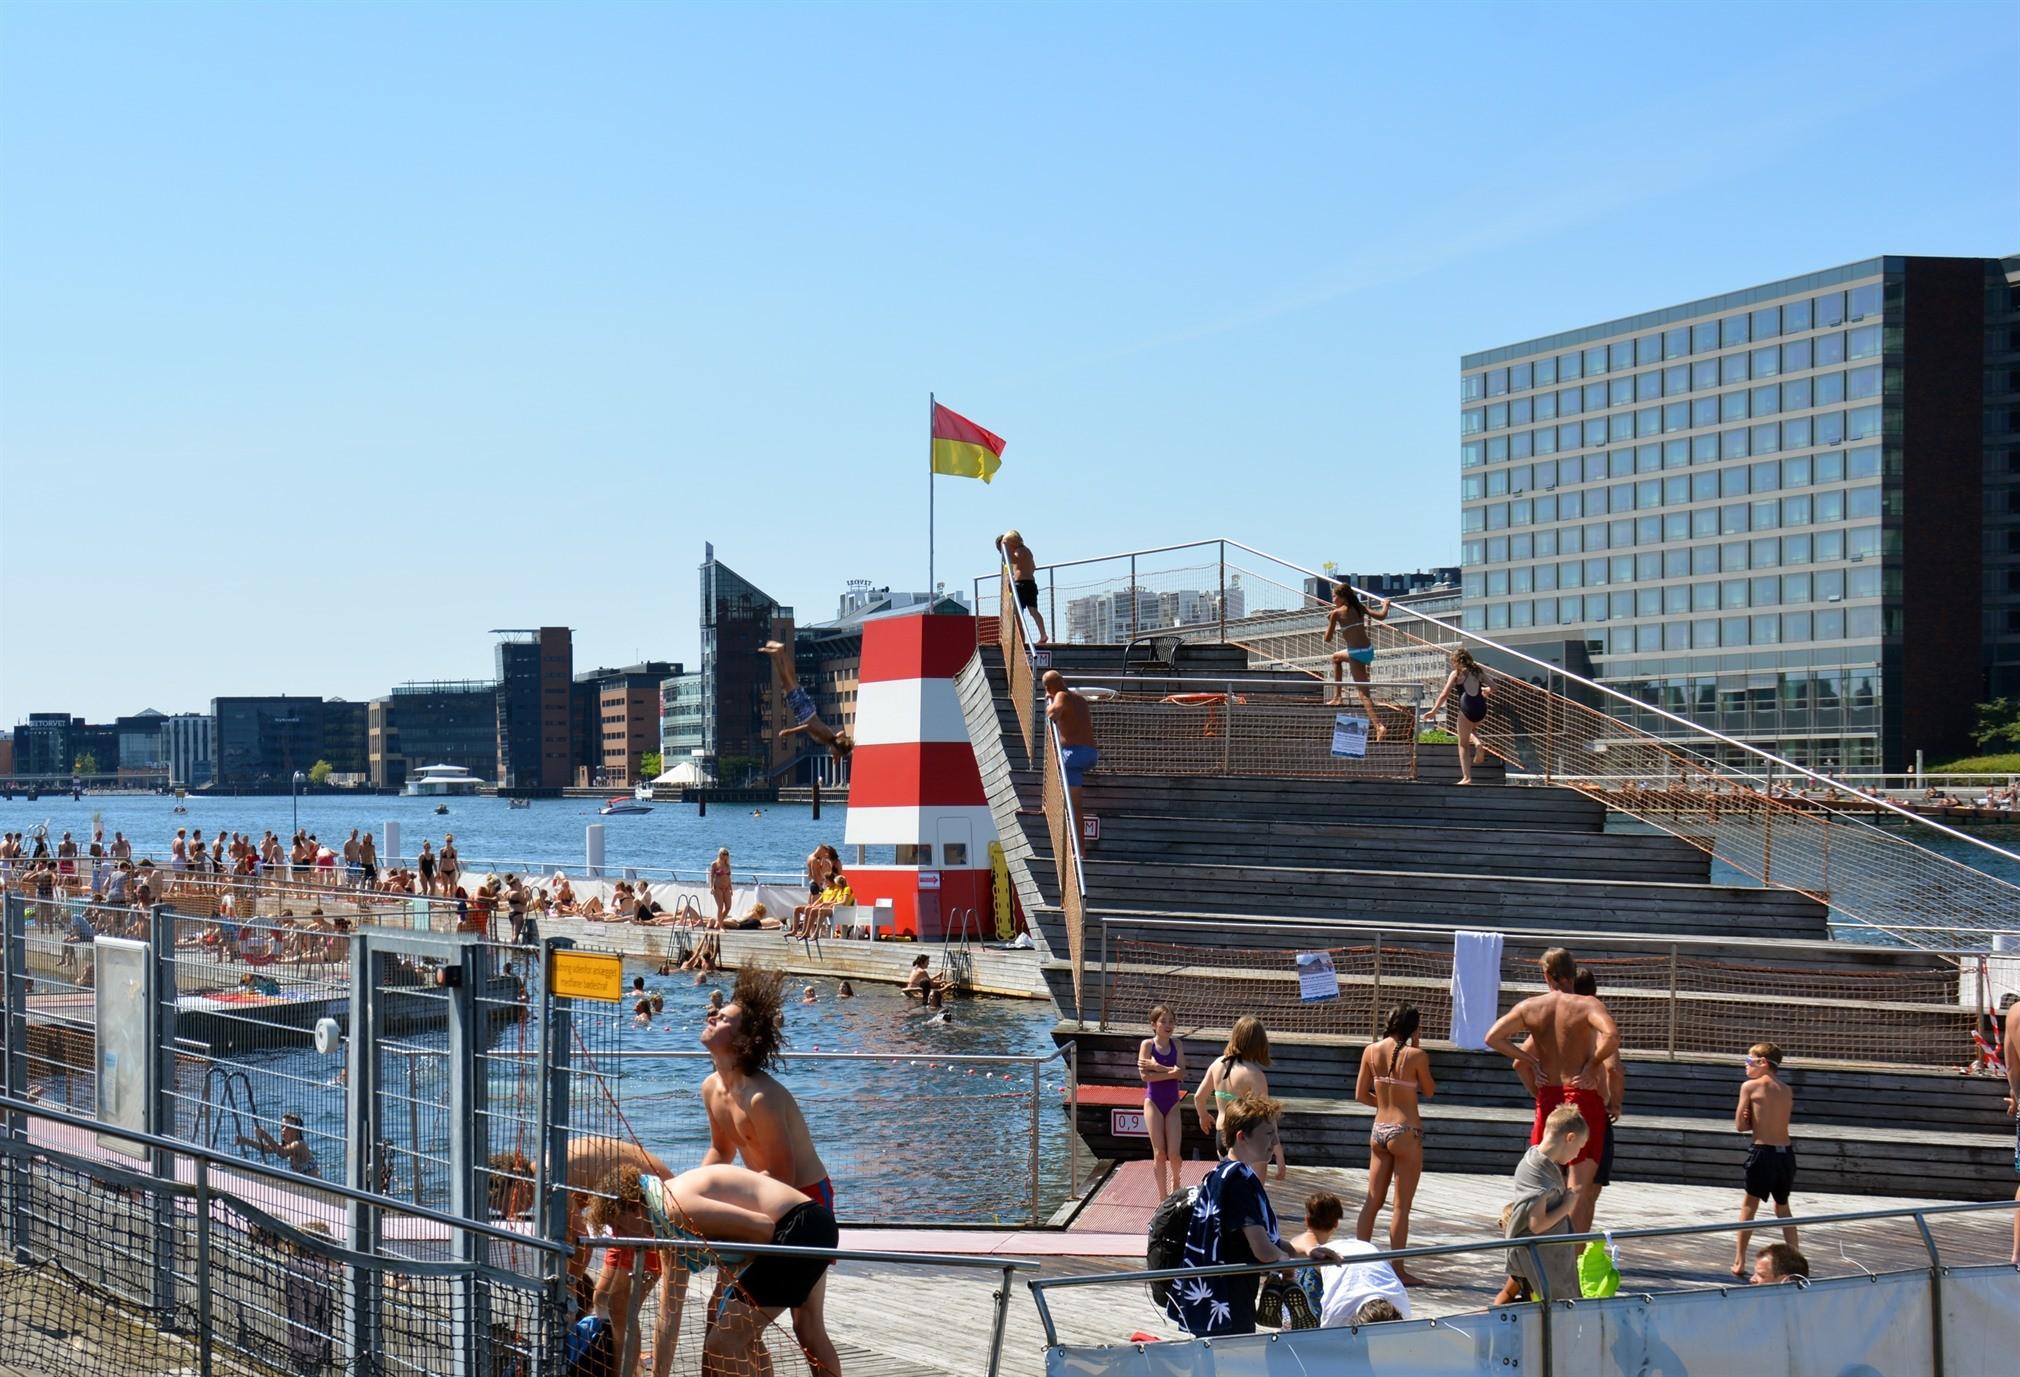 Sommer søndag Islands Brygge